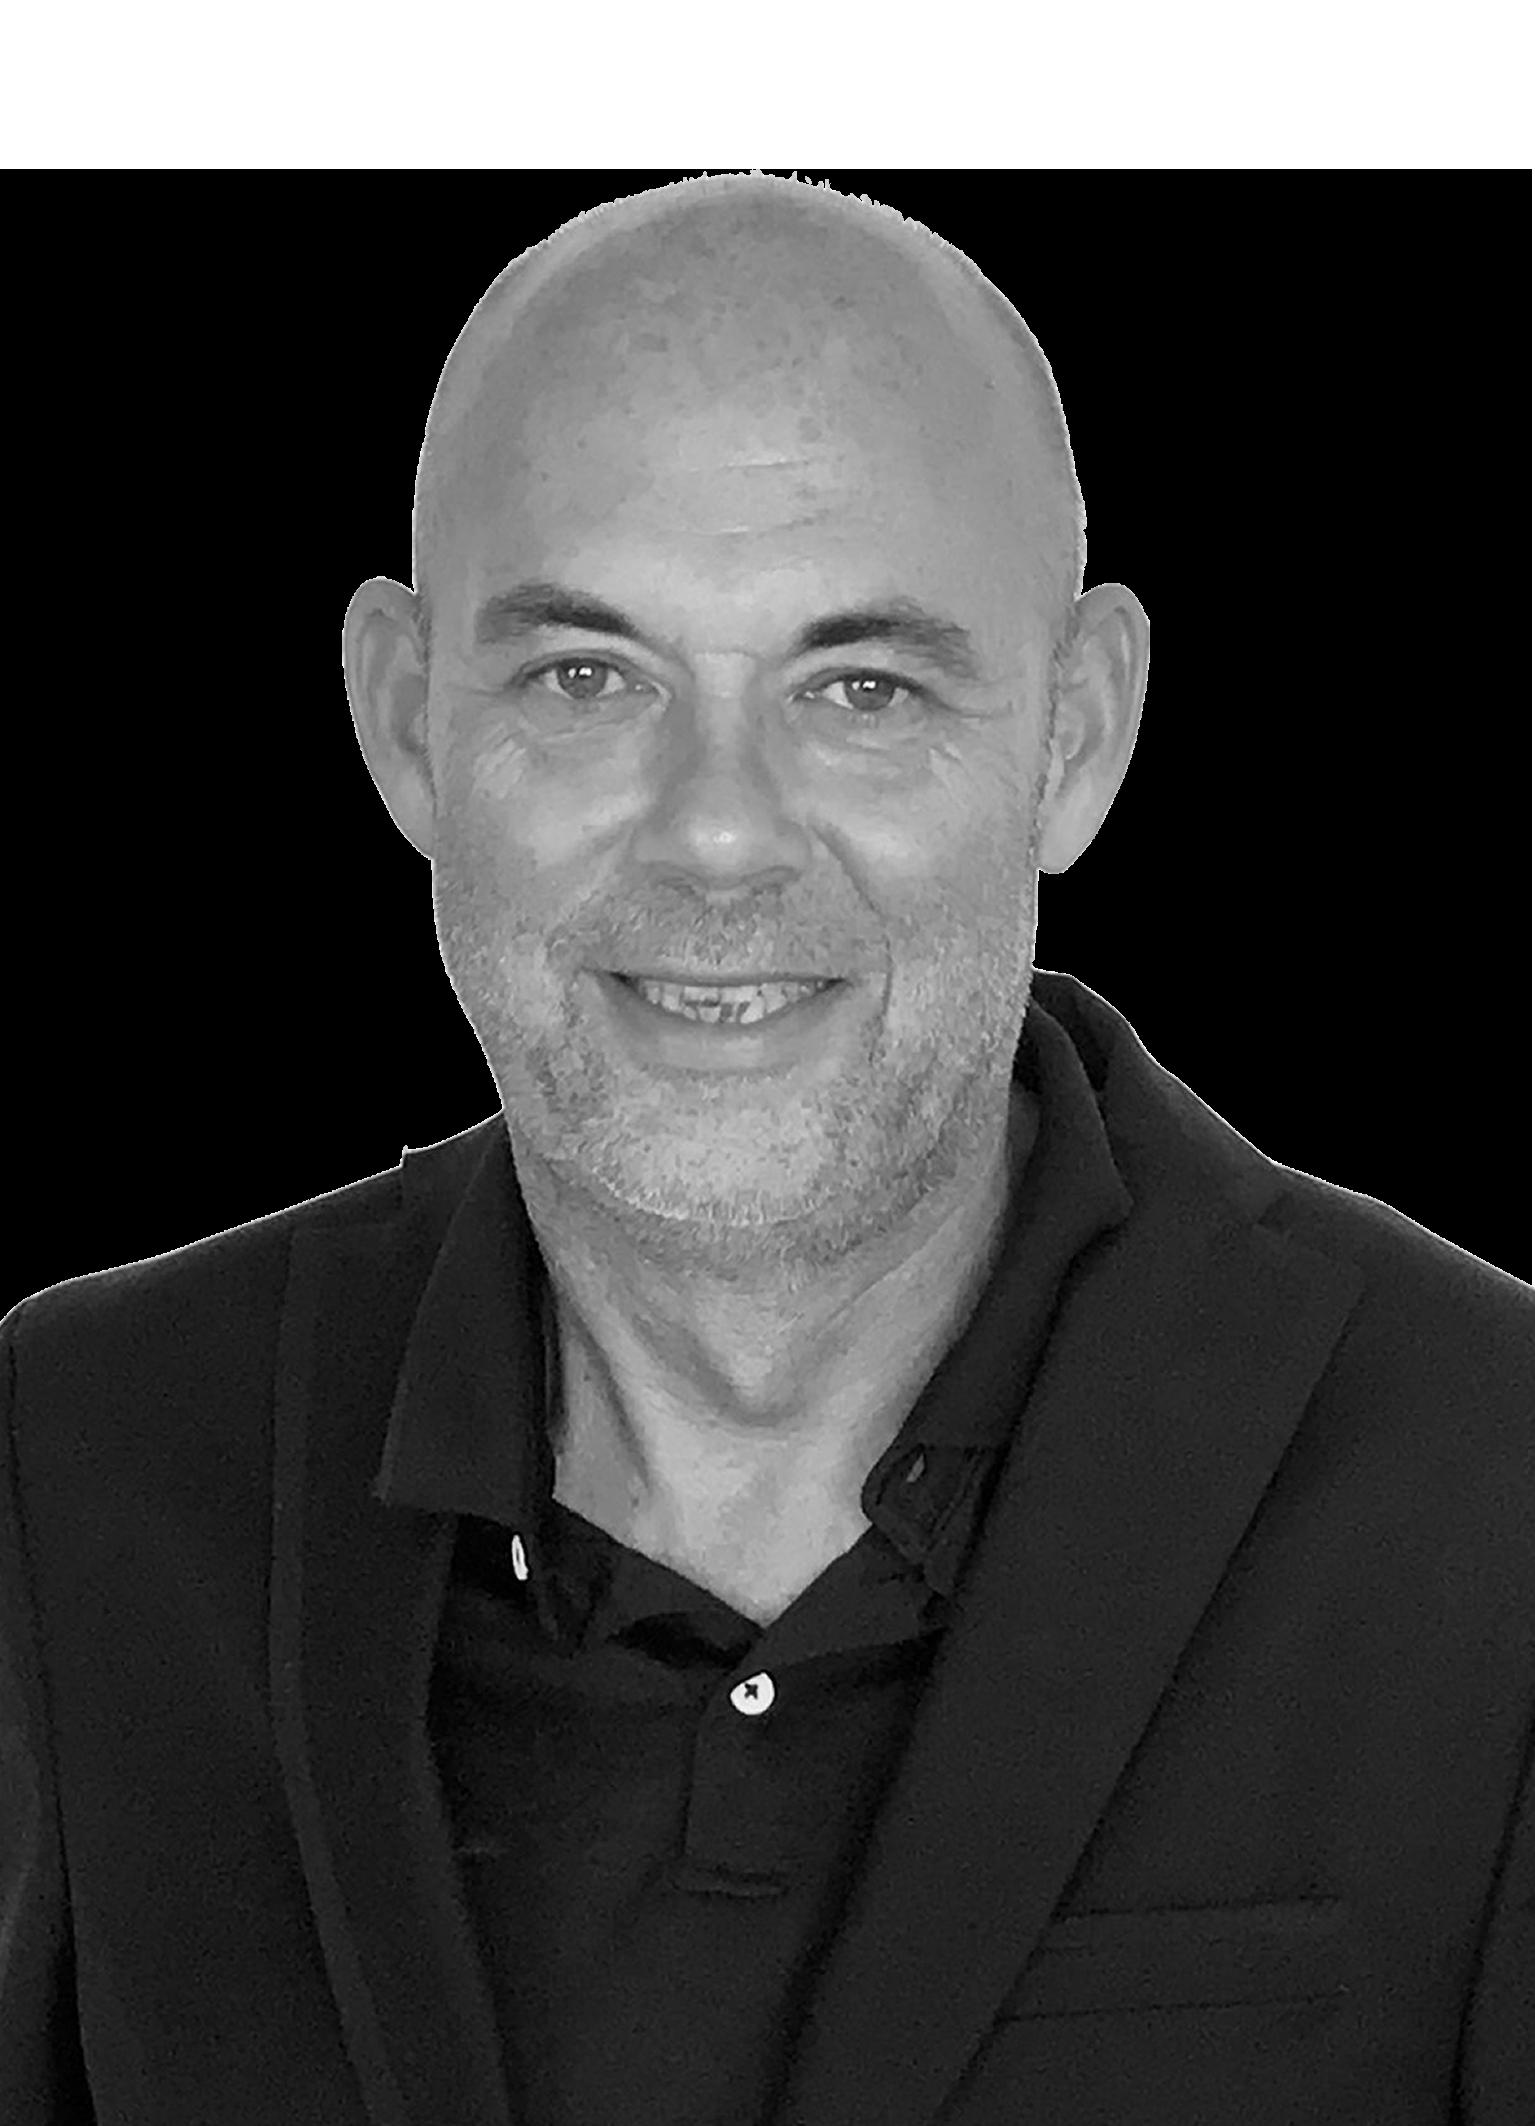 Thomas Eggert Børgesen